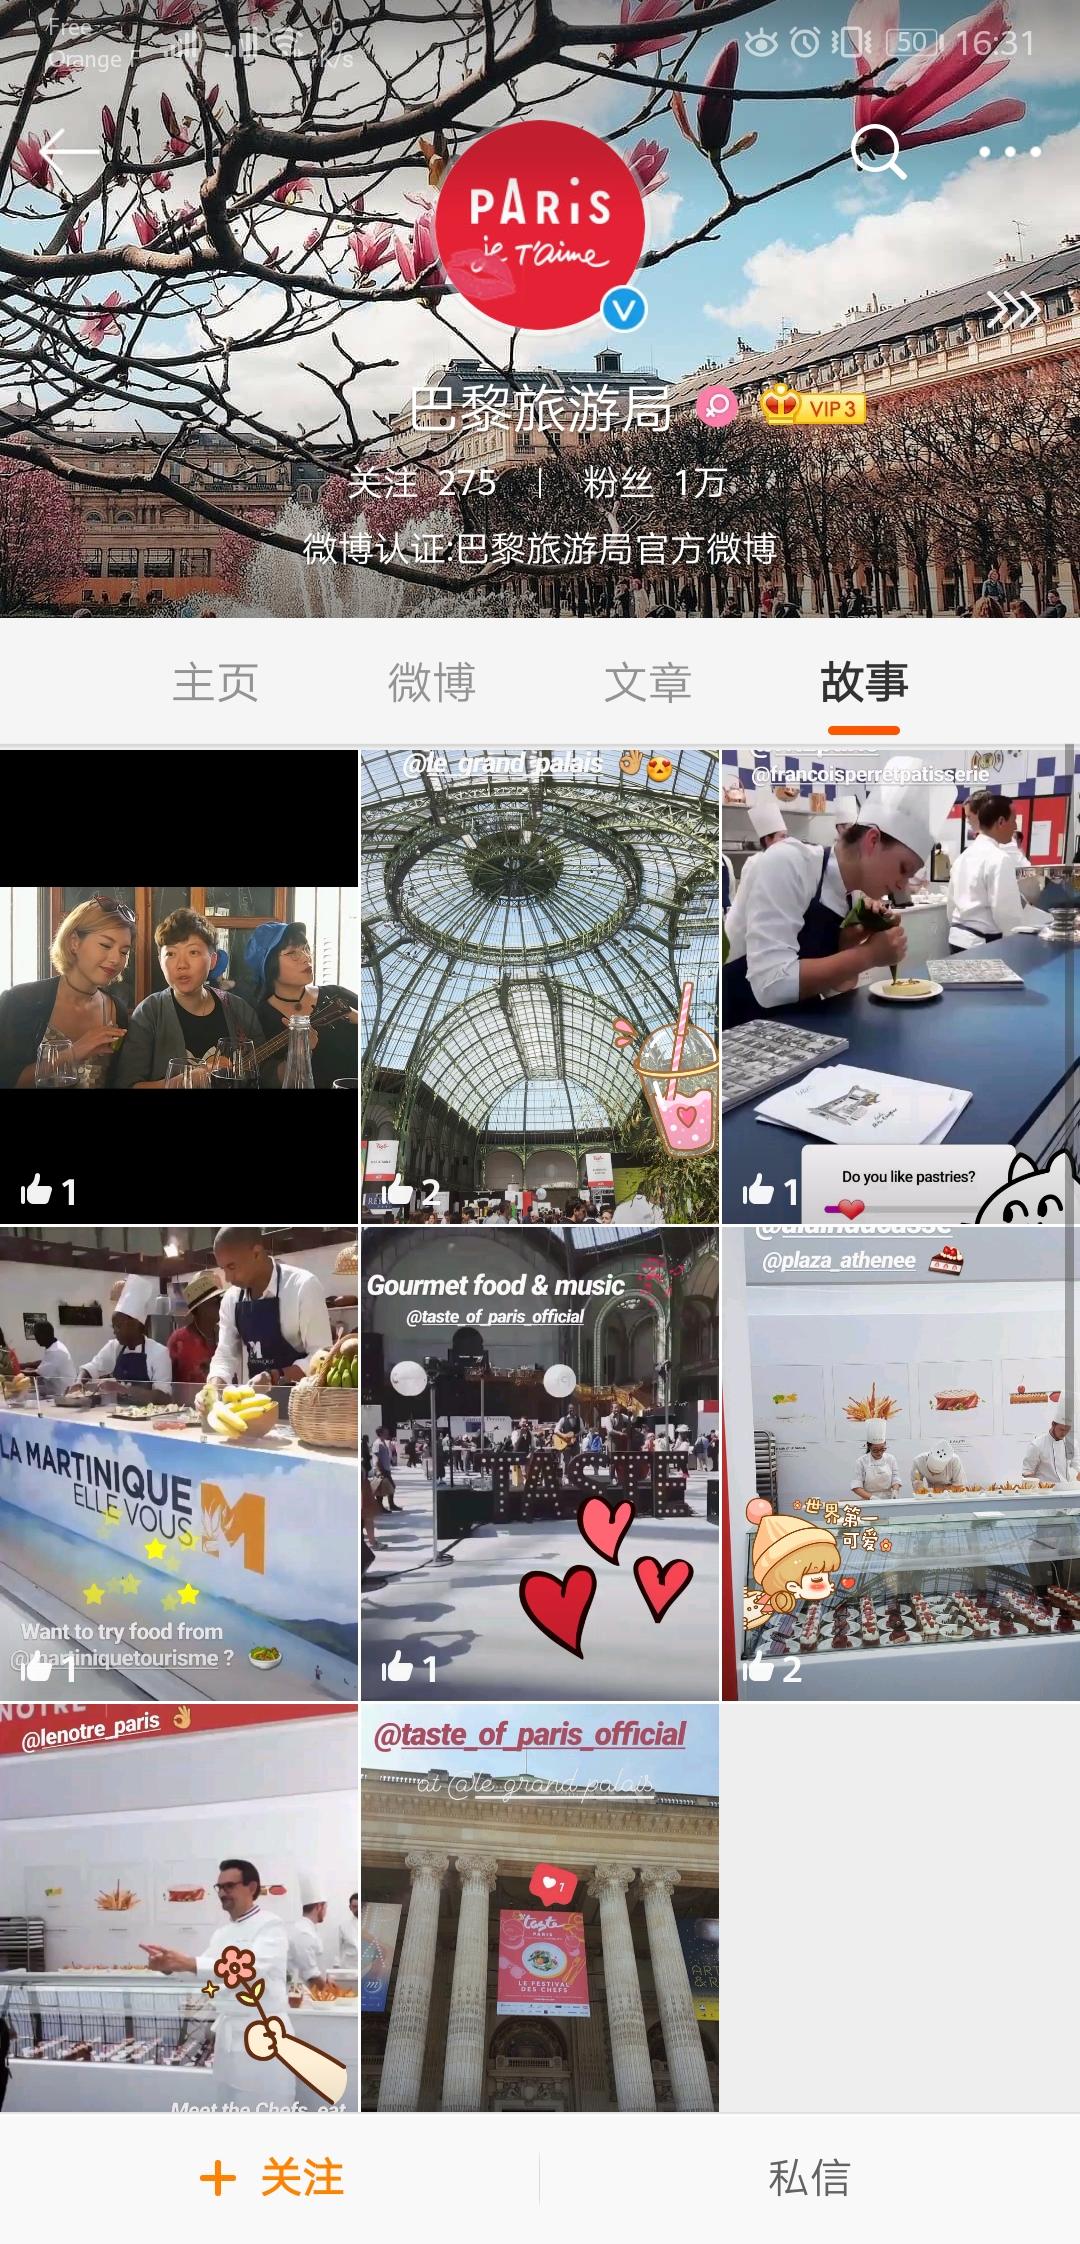 OTCP Weibo account